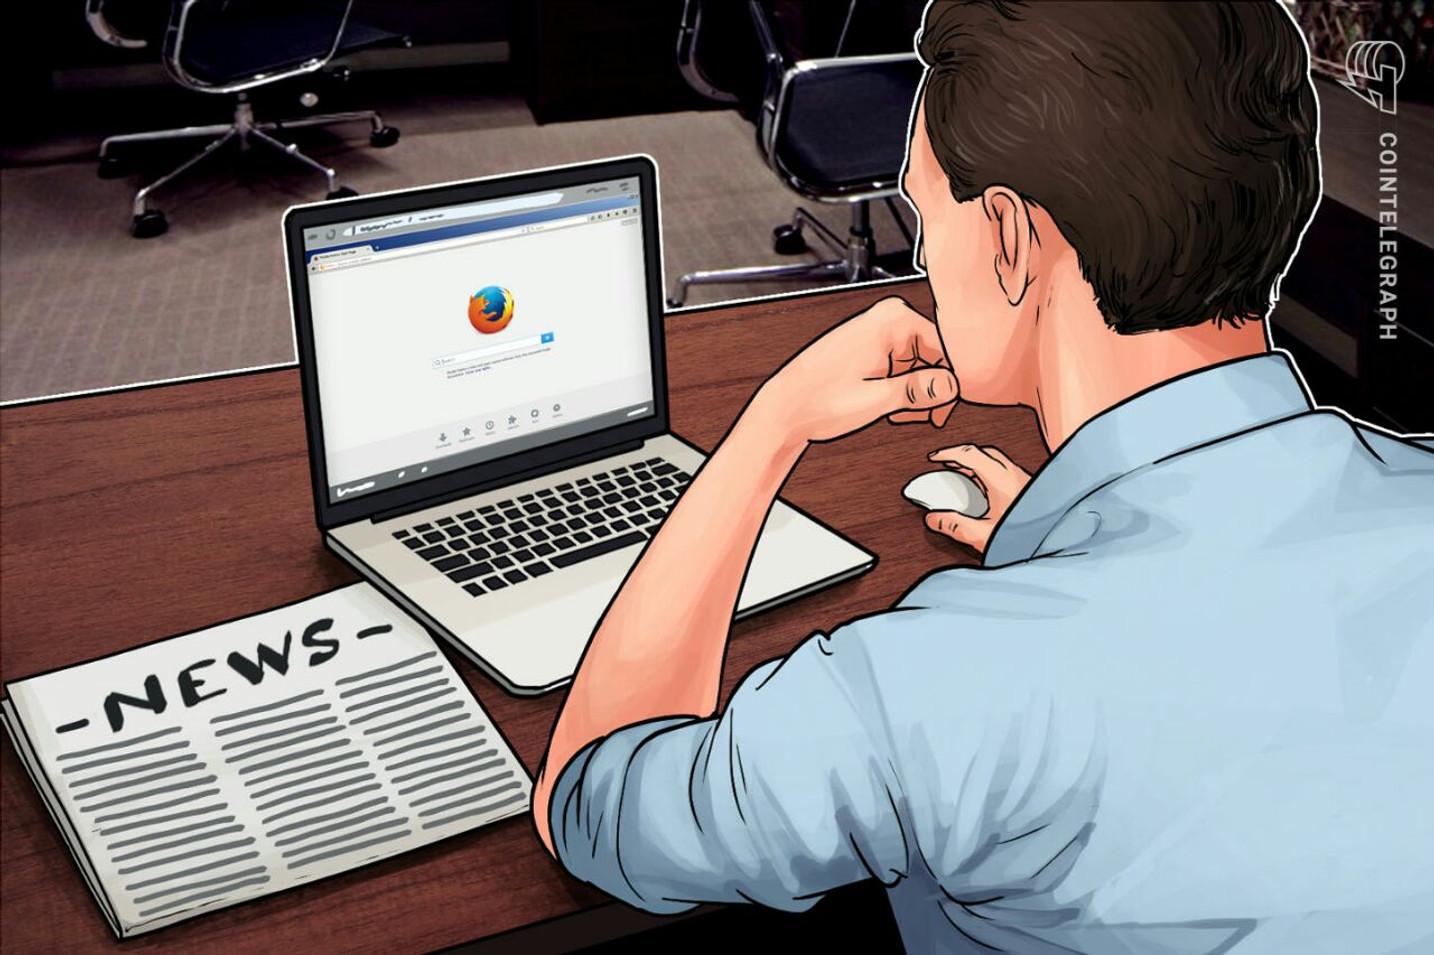 Firefox、ブラウザにクリプトジャックのマルウェアをブロックする機能導入